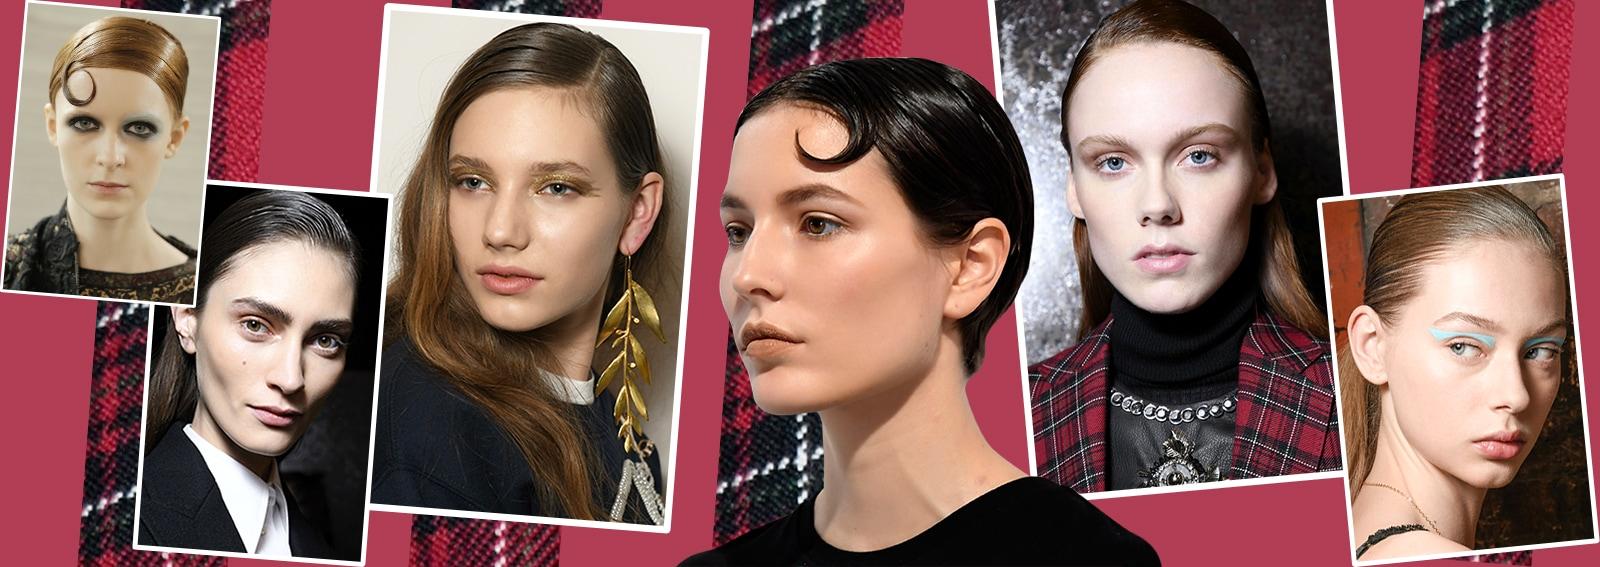 capelli la tendenza flat sleek per l'autunno inverno 2017 2018 collage_desktop